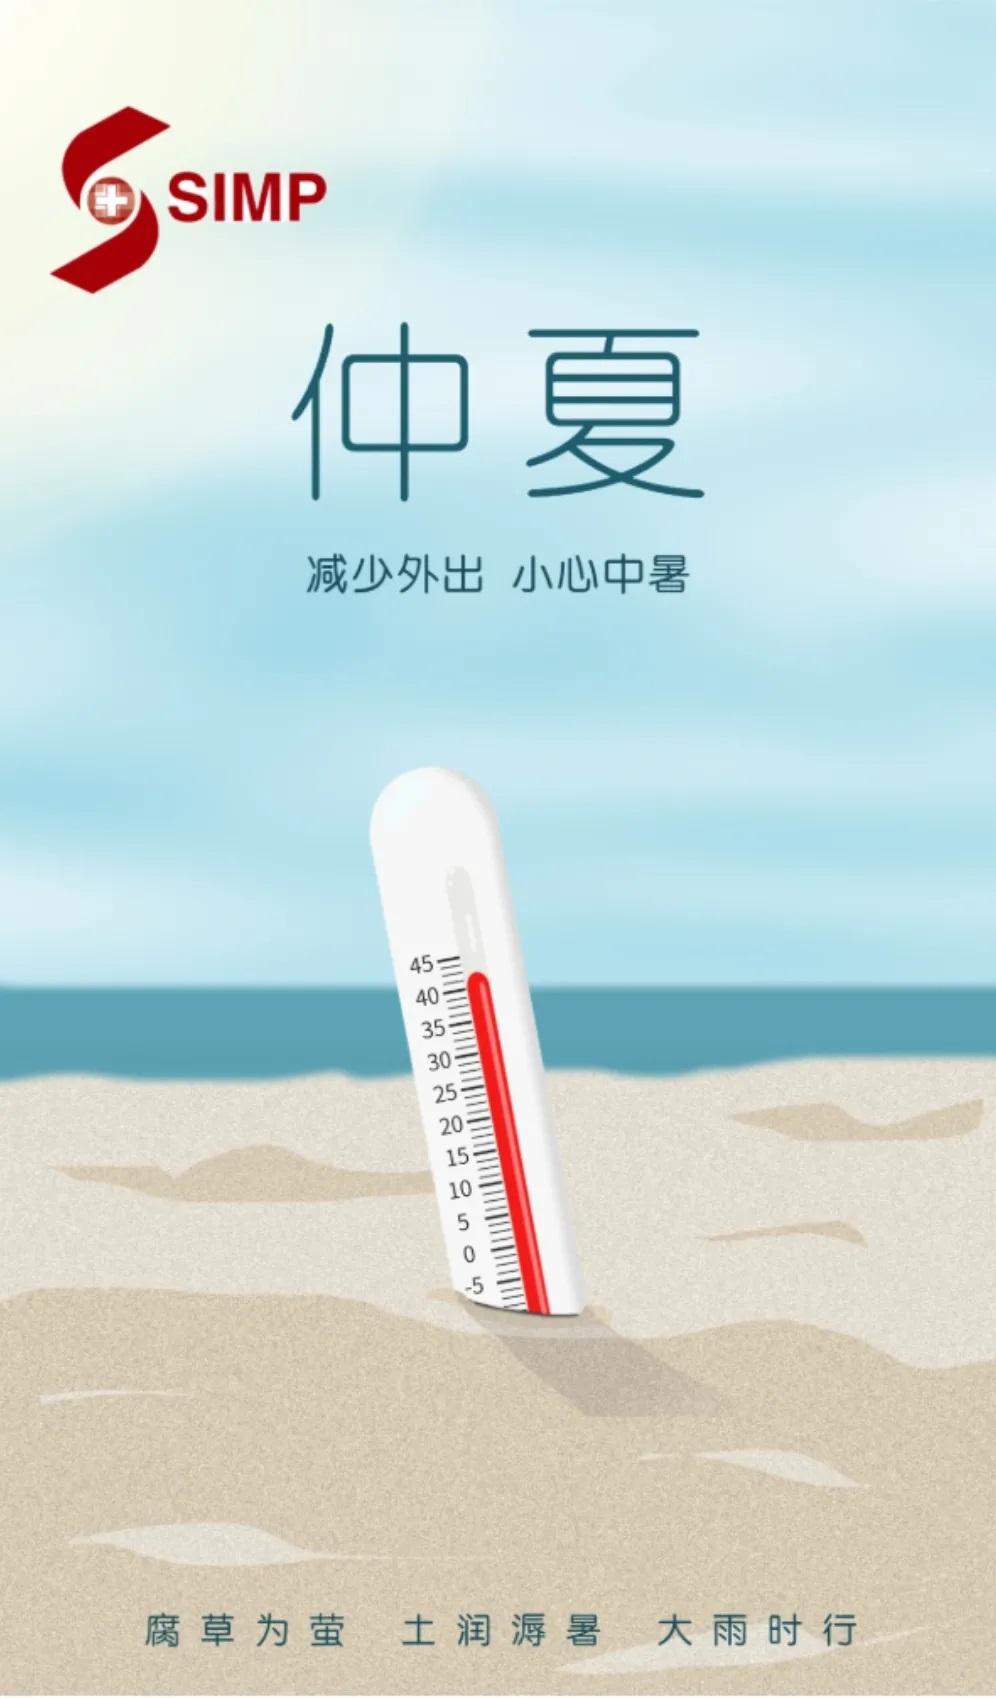 高温来袭,注意防暑